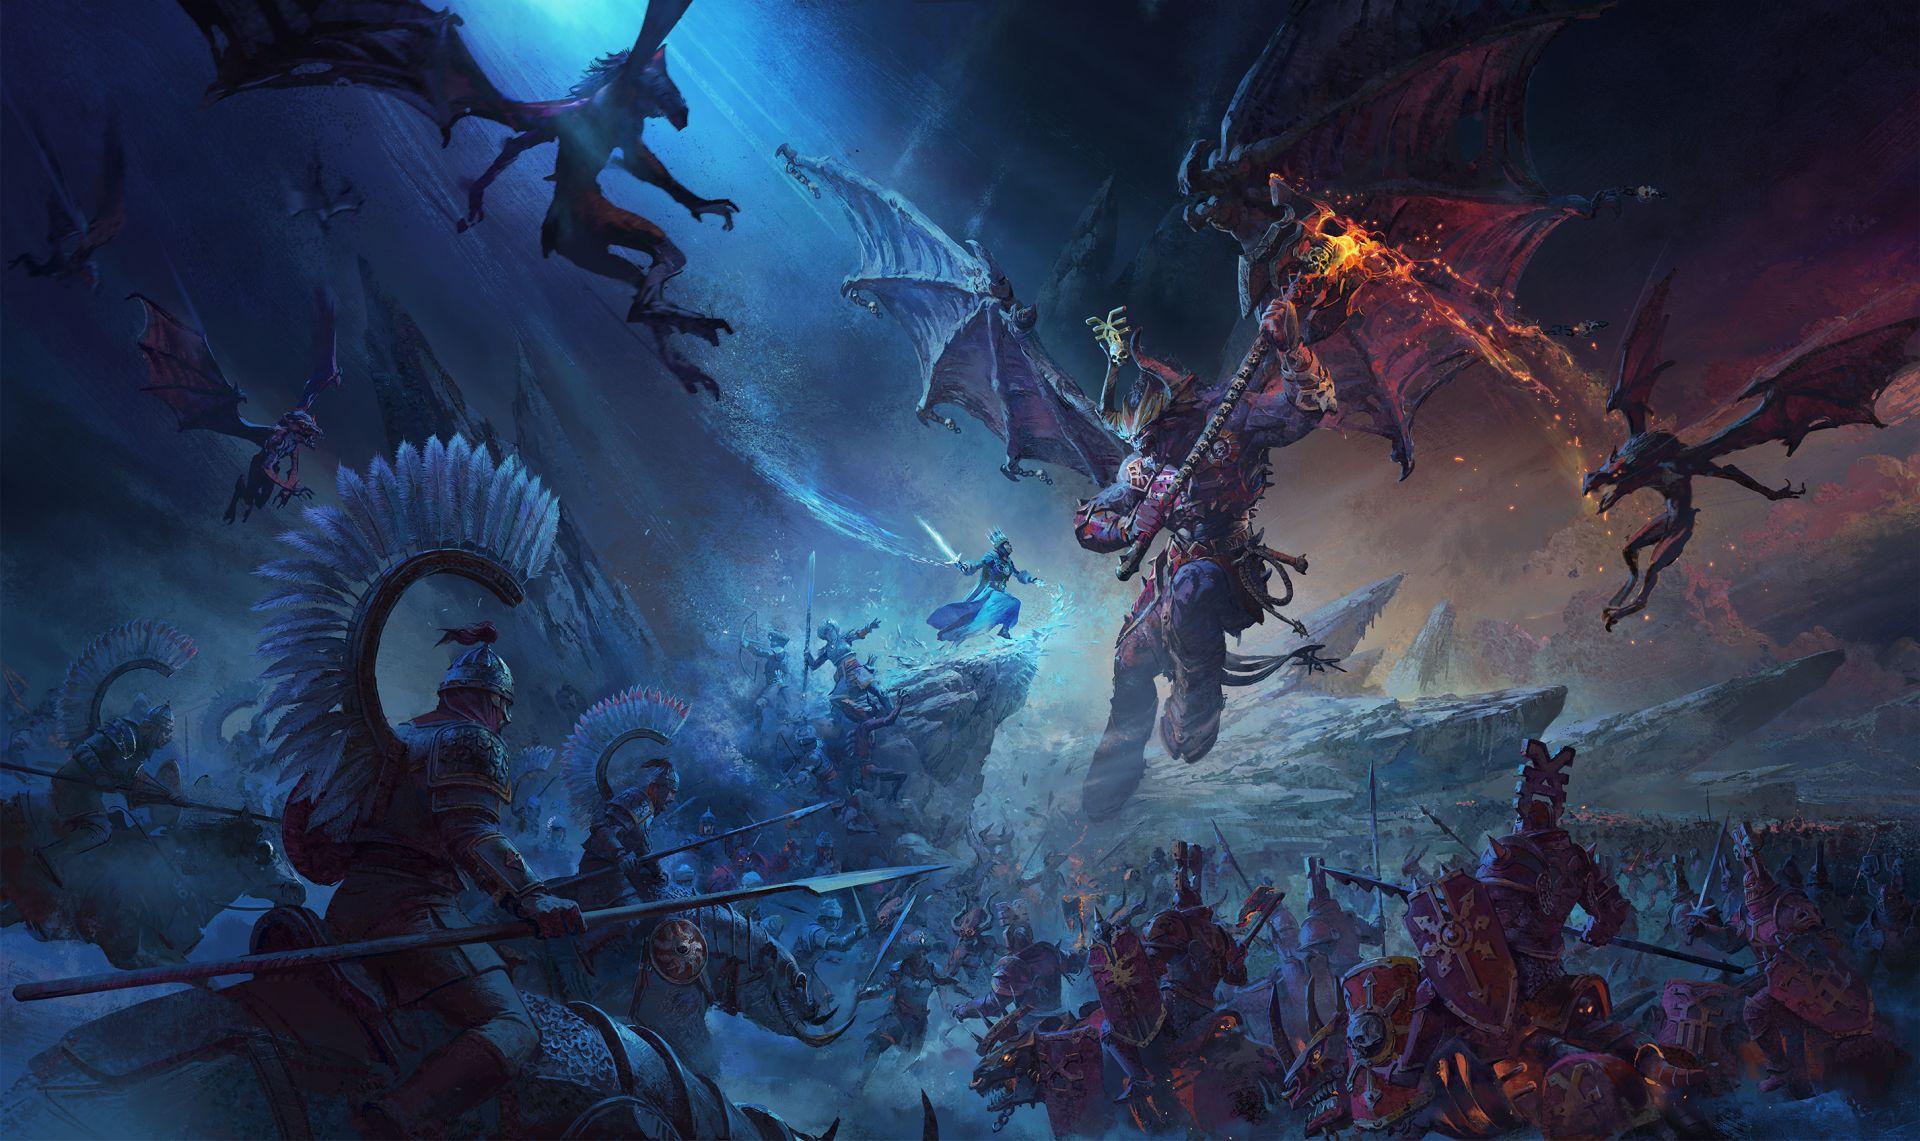 Najavjen Total War: Warhammer 3